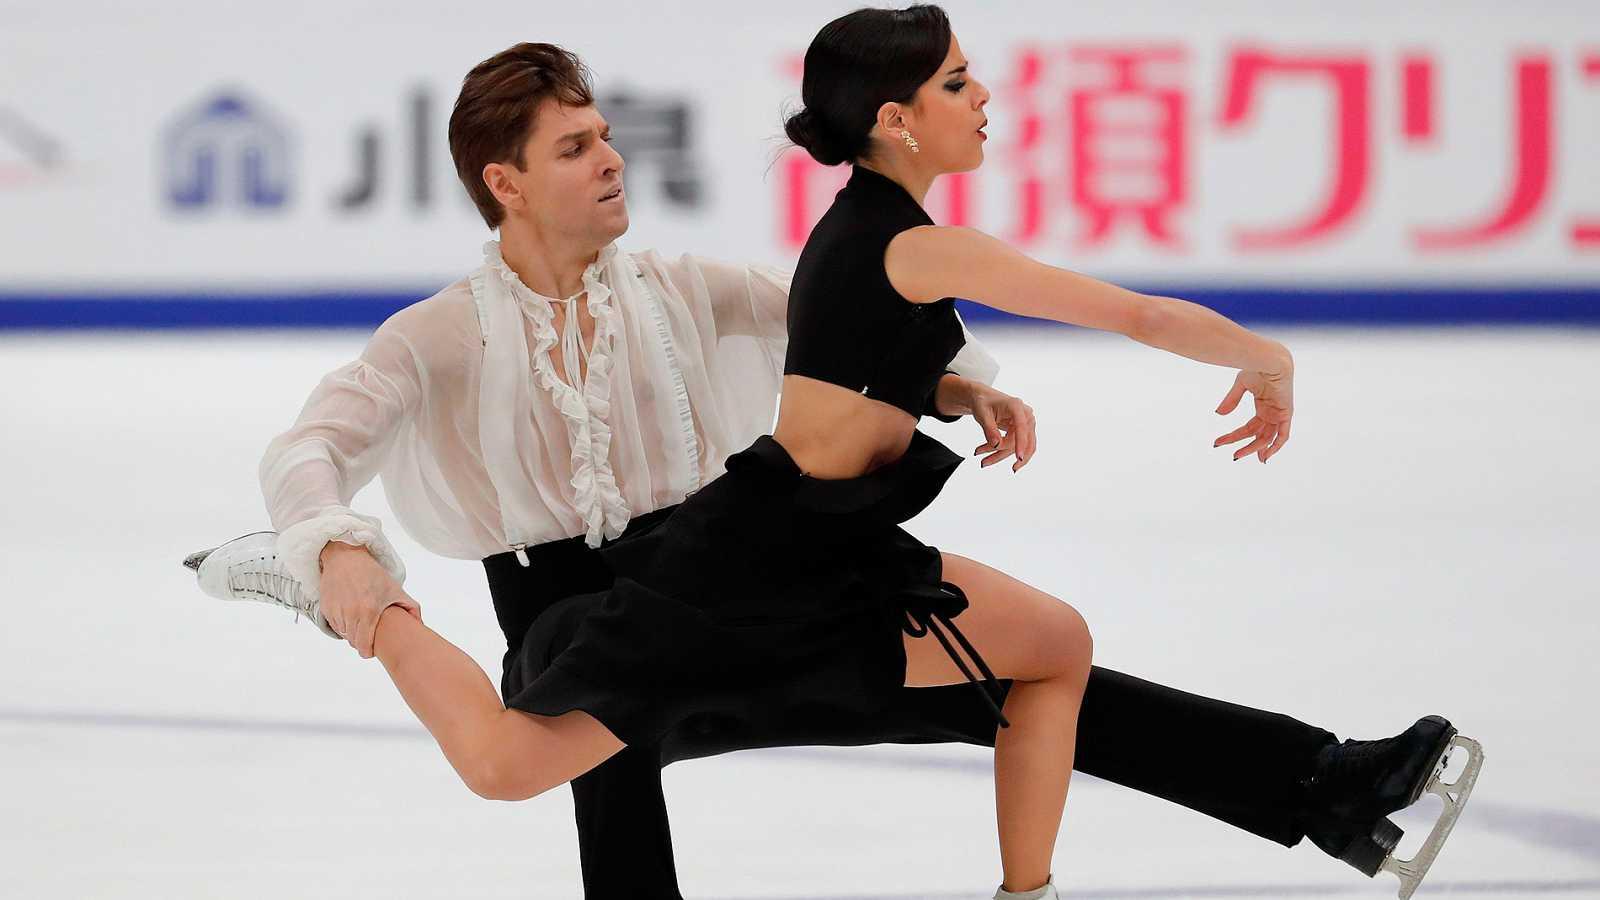 La pareja española formada por Sara Hurtado y Kirill Jalyavin han logrado un nuevo éxito en la Rostelecom Cup rusa, al alzarse con la medalla de bronce. Después de la plata del año pasado en la misma prueba, la pareja se consolida como una de las par